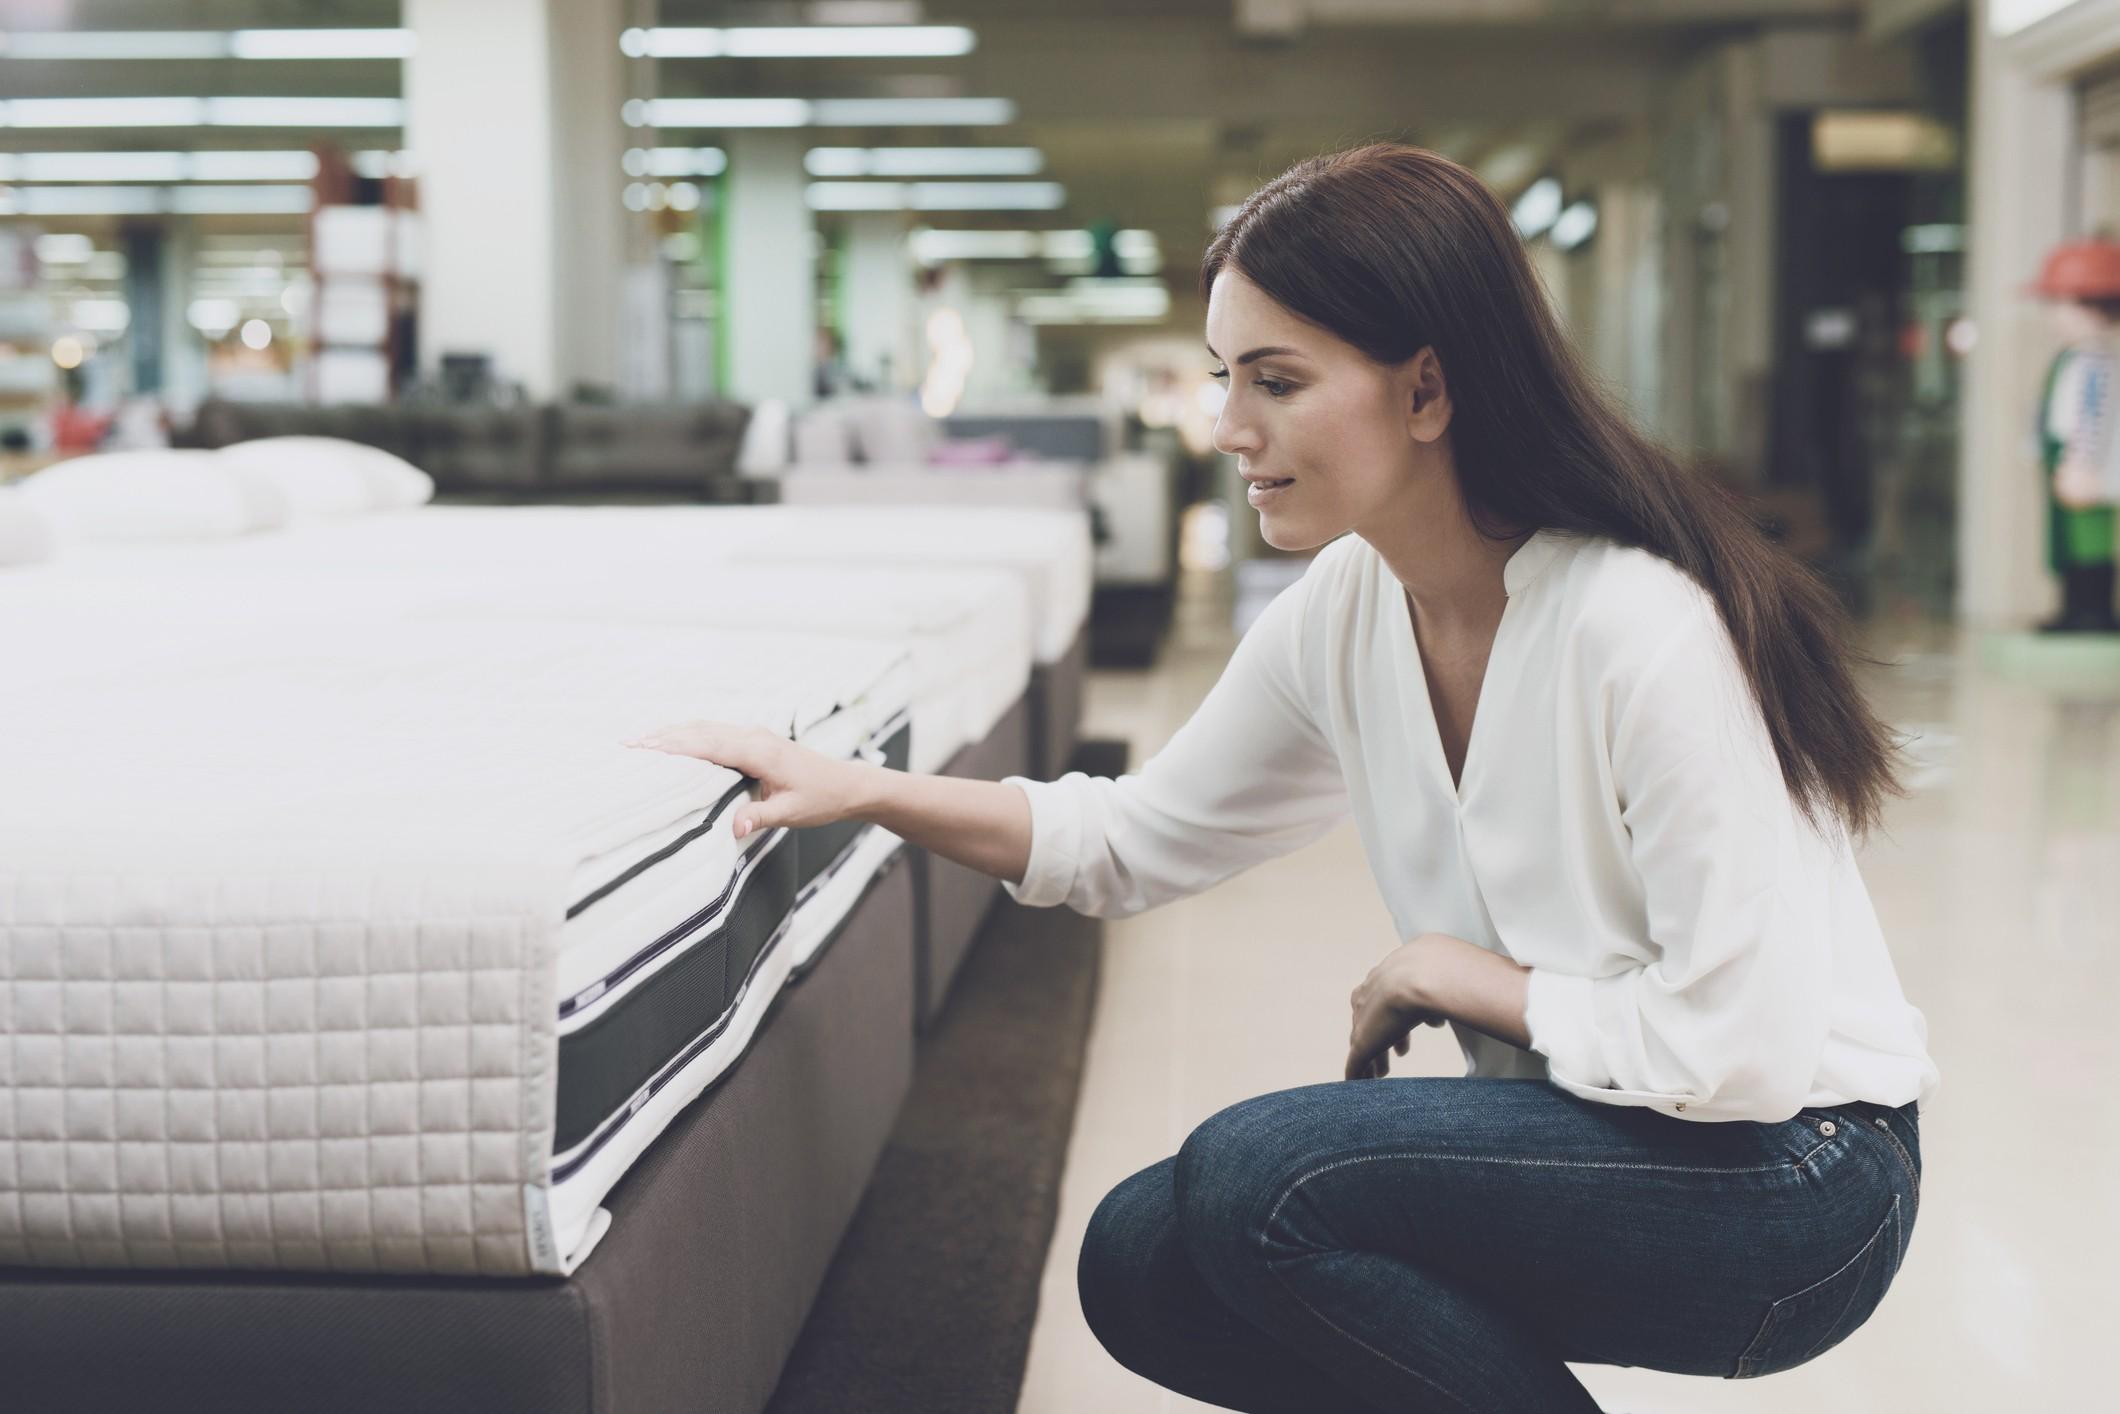 A woman shopping for a mattress